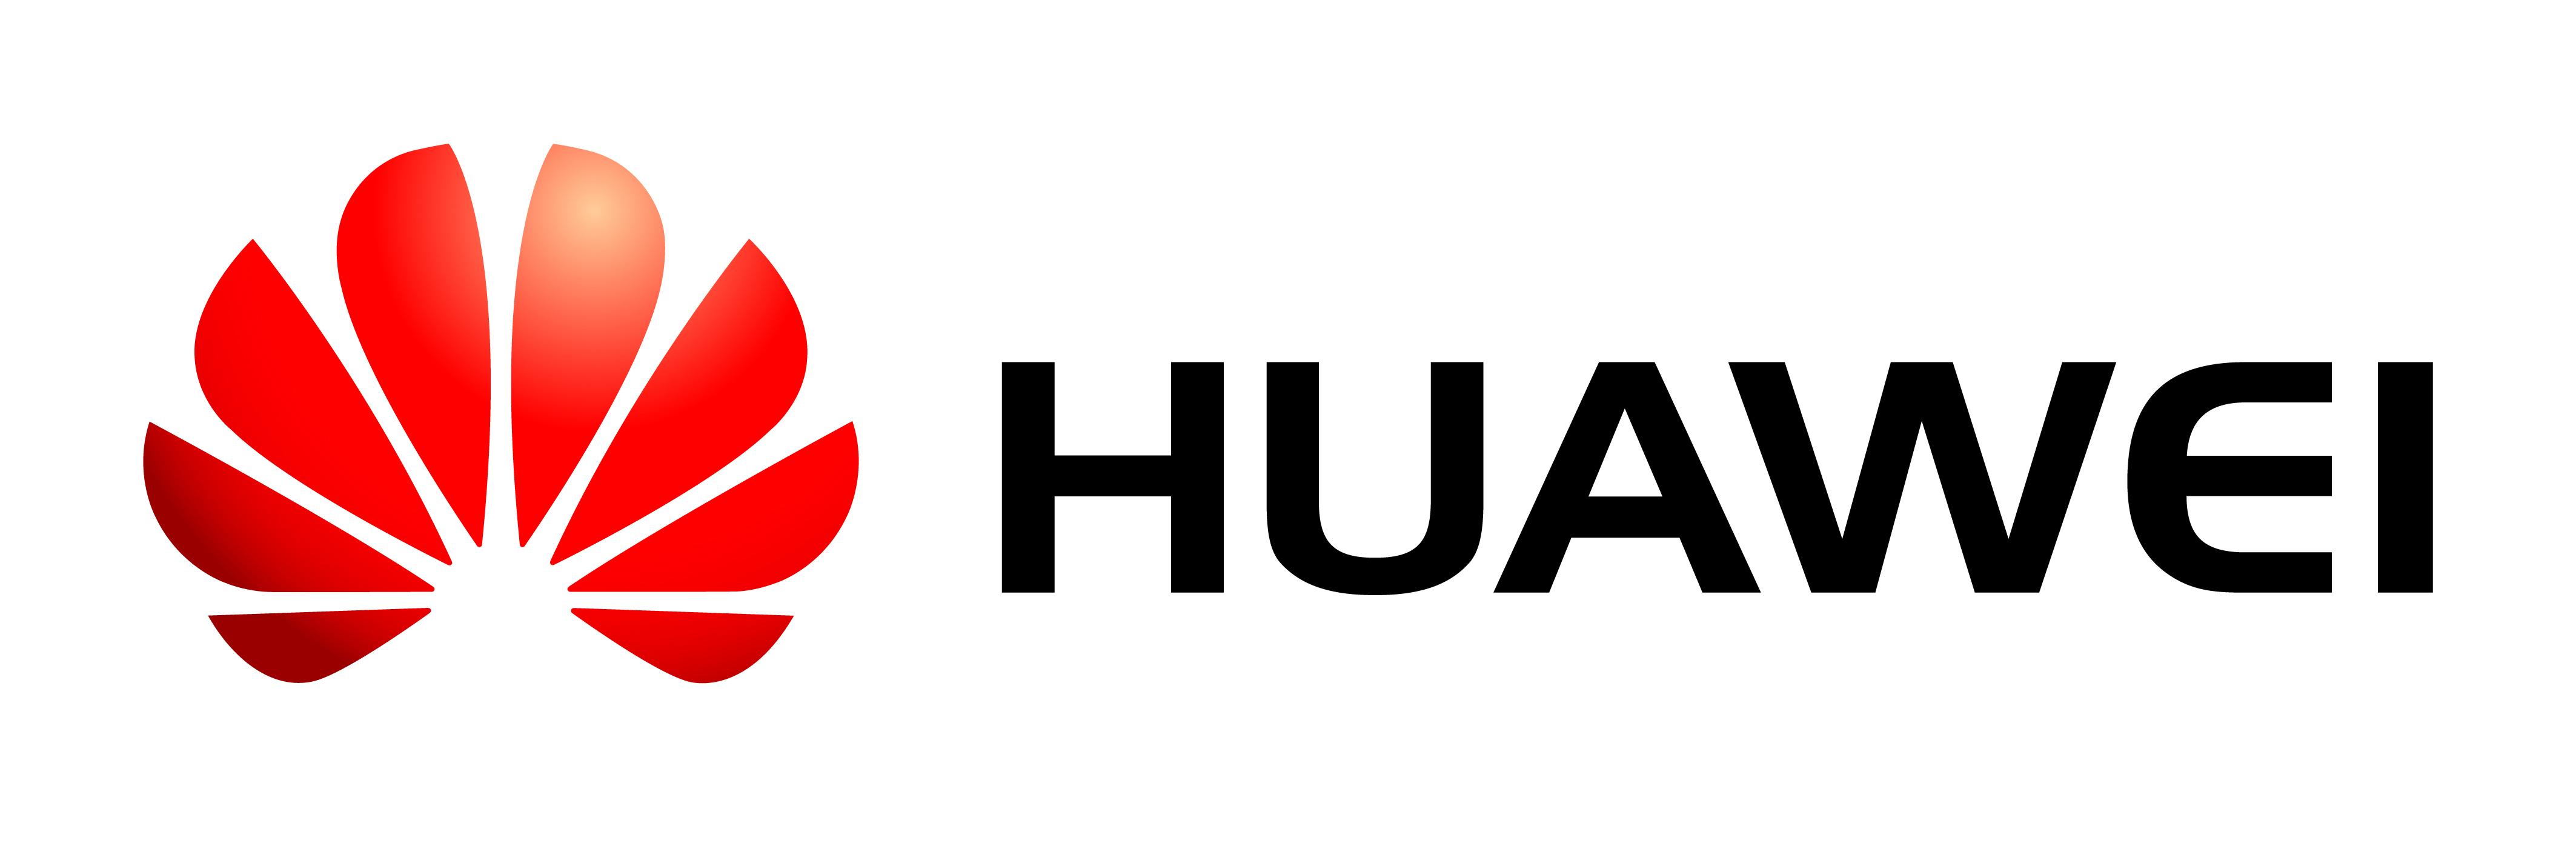 Huawei chwali się swoimi wynikami sprzedaży